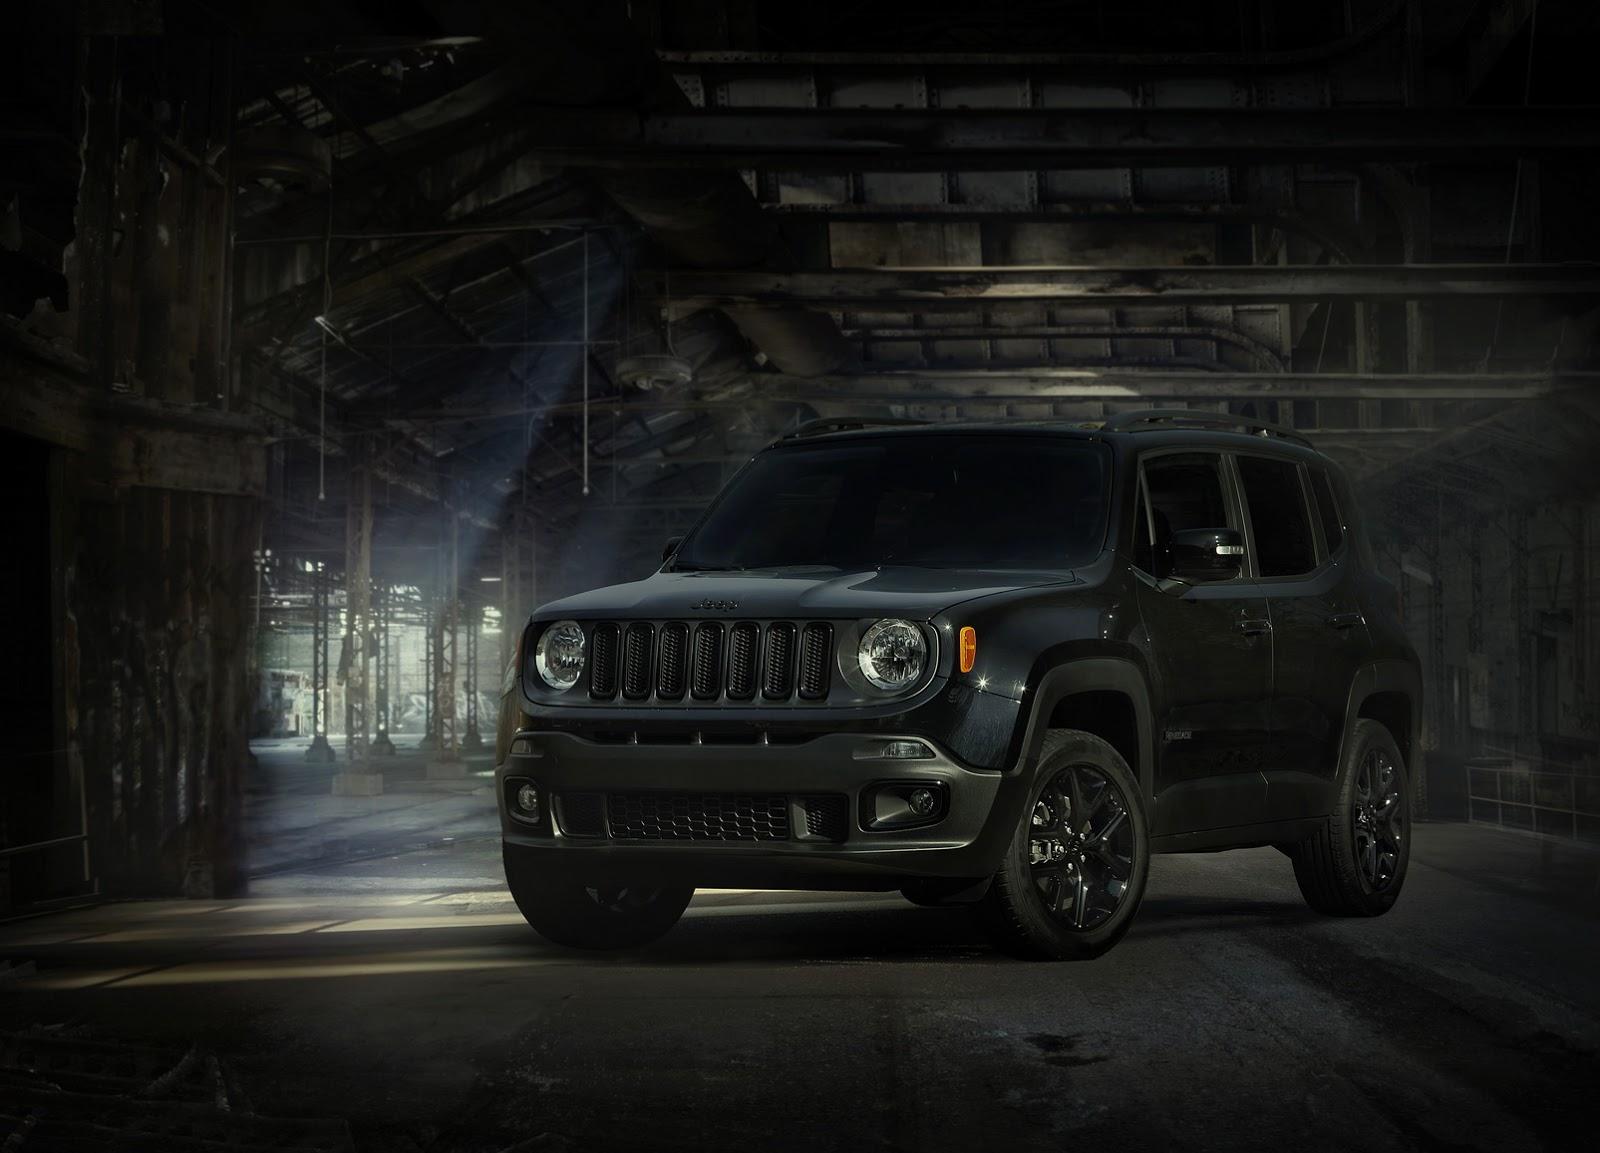 Jeep là hãng xe huyền thoại một thời và các dòng xe của hãng đều có khả năng offroad vô địch